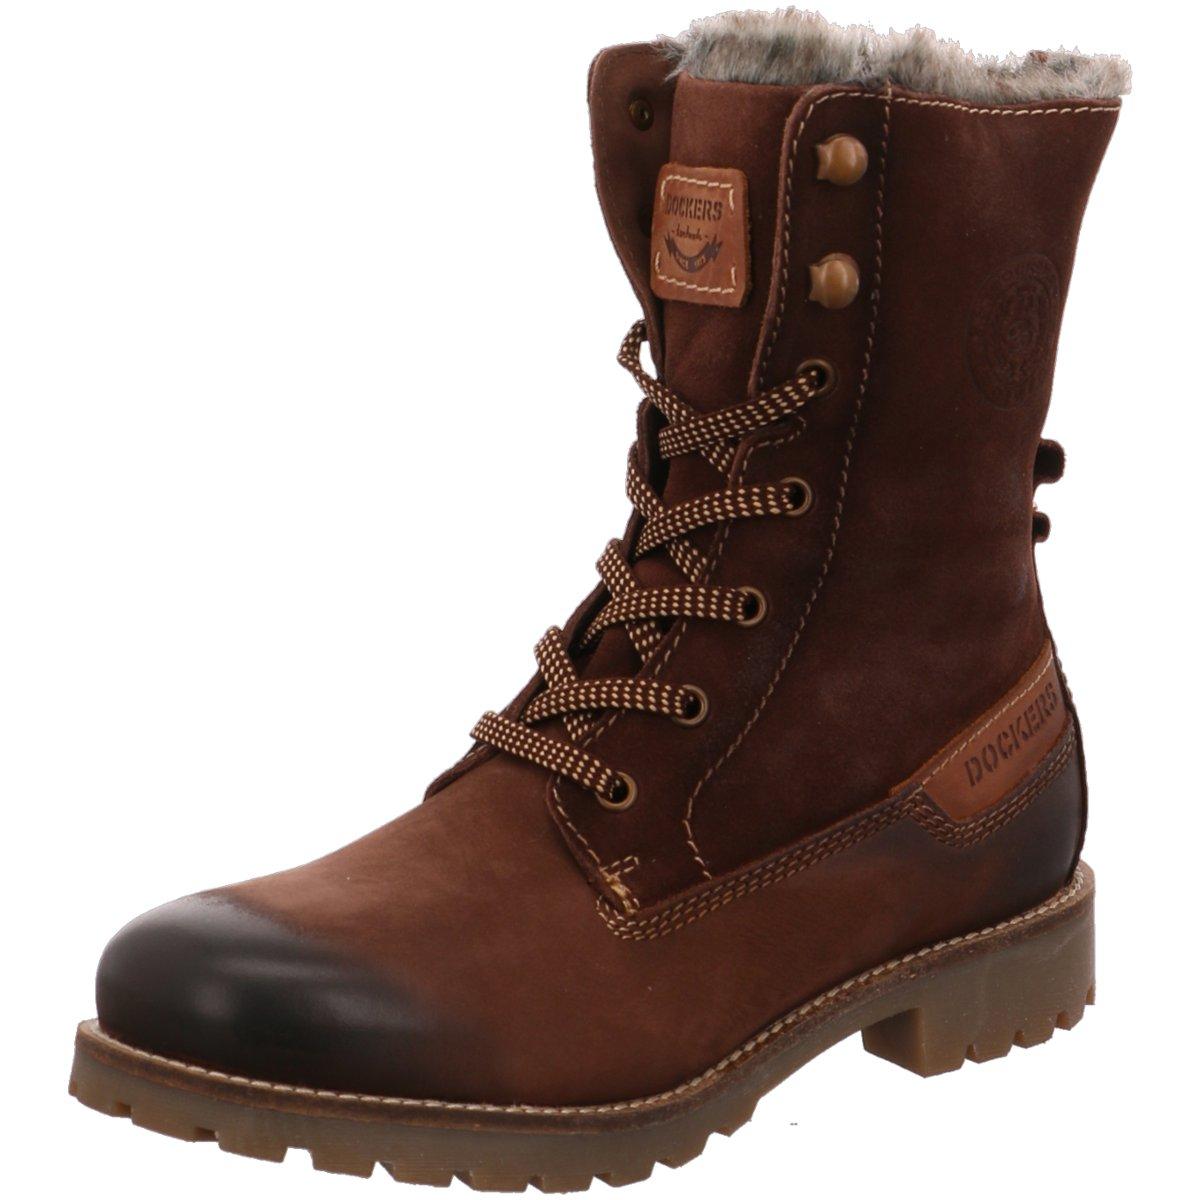 Stiefel Ankle Boots braun Schnallen Dockers Stiefeletten Damen Schuhe